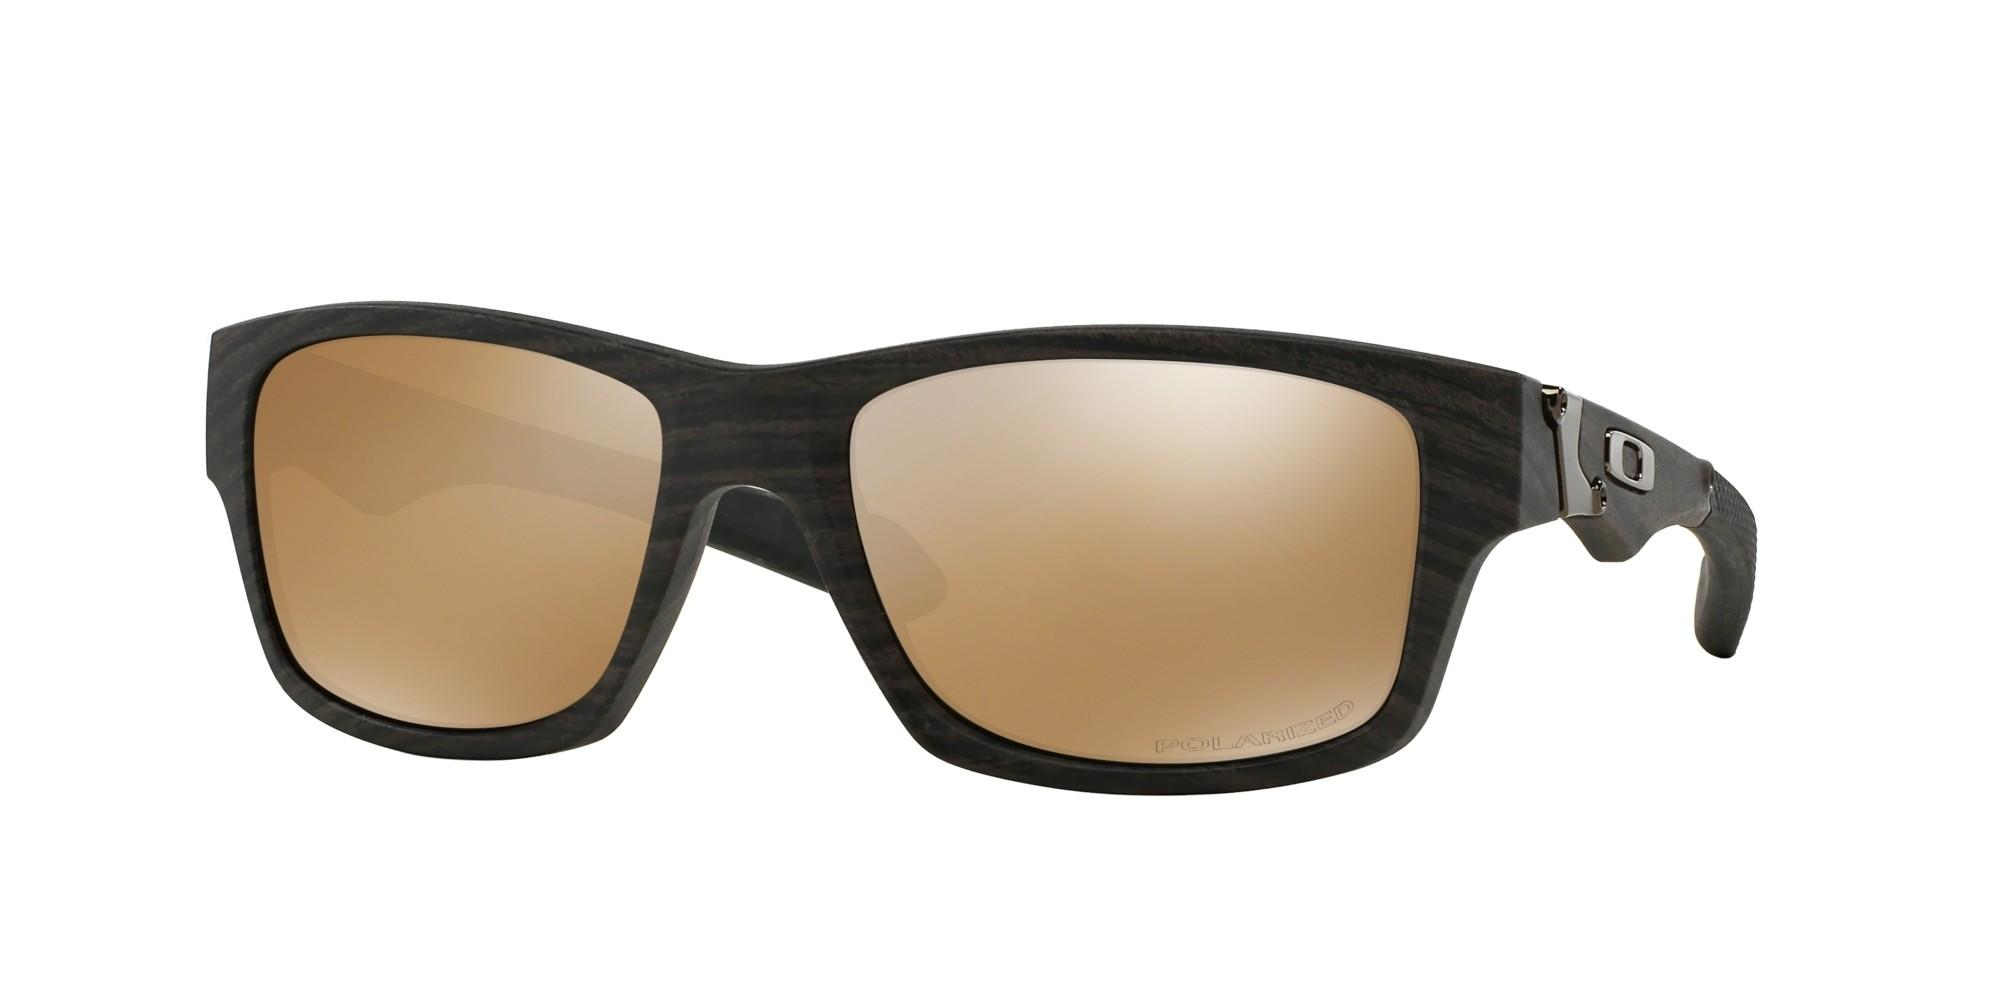 65eb95b095 Authentic Oakley Jupiter Squared Prescription Sunglasses